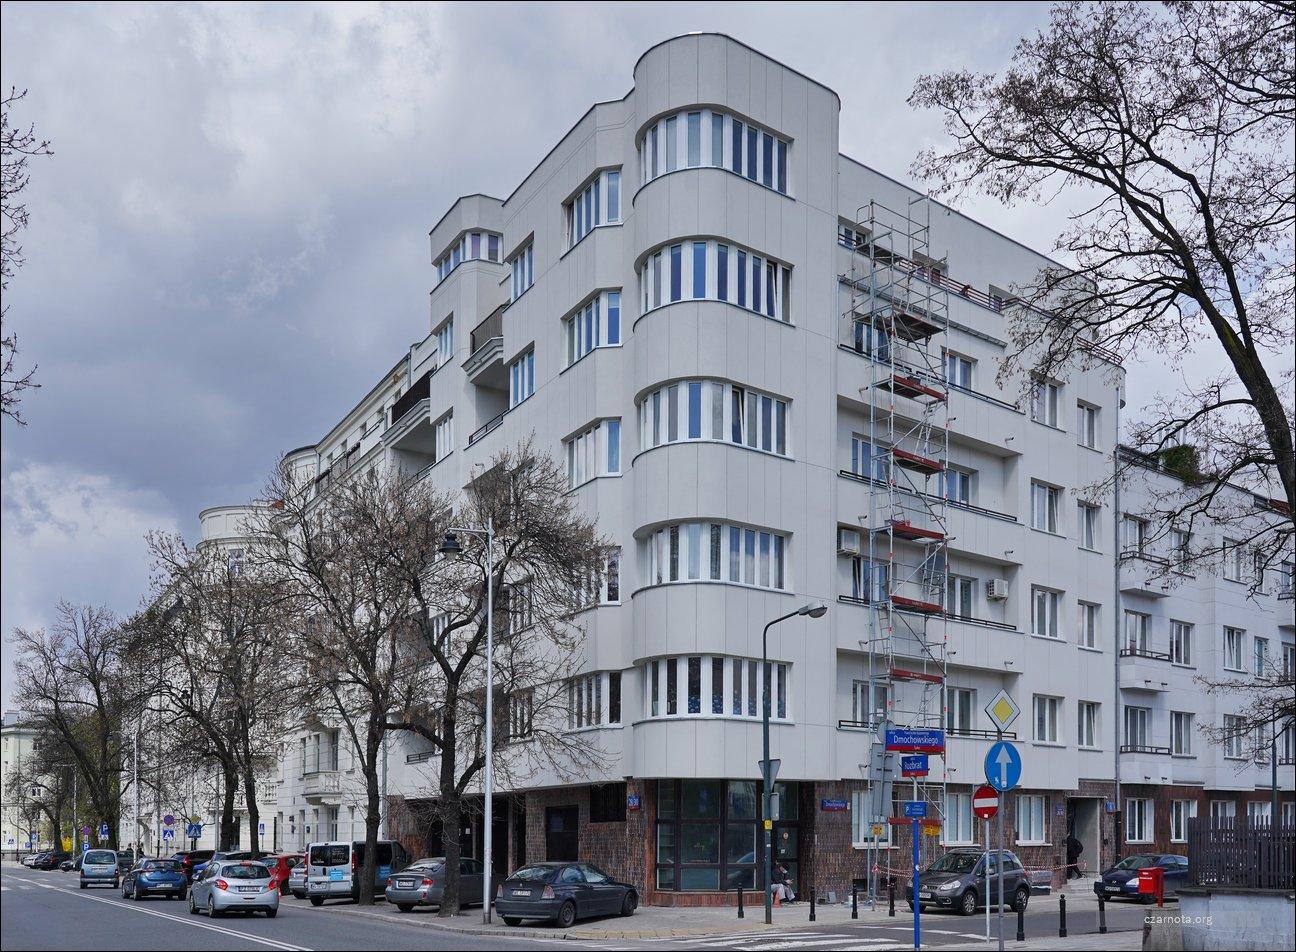 Warszawa, ul. Rozbrat 28/30, ul. Dmochowskiego 6, ul. Dmochowskiego 4 w 2011 i 2021